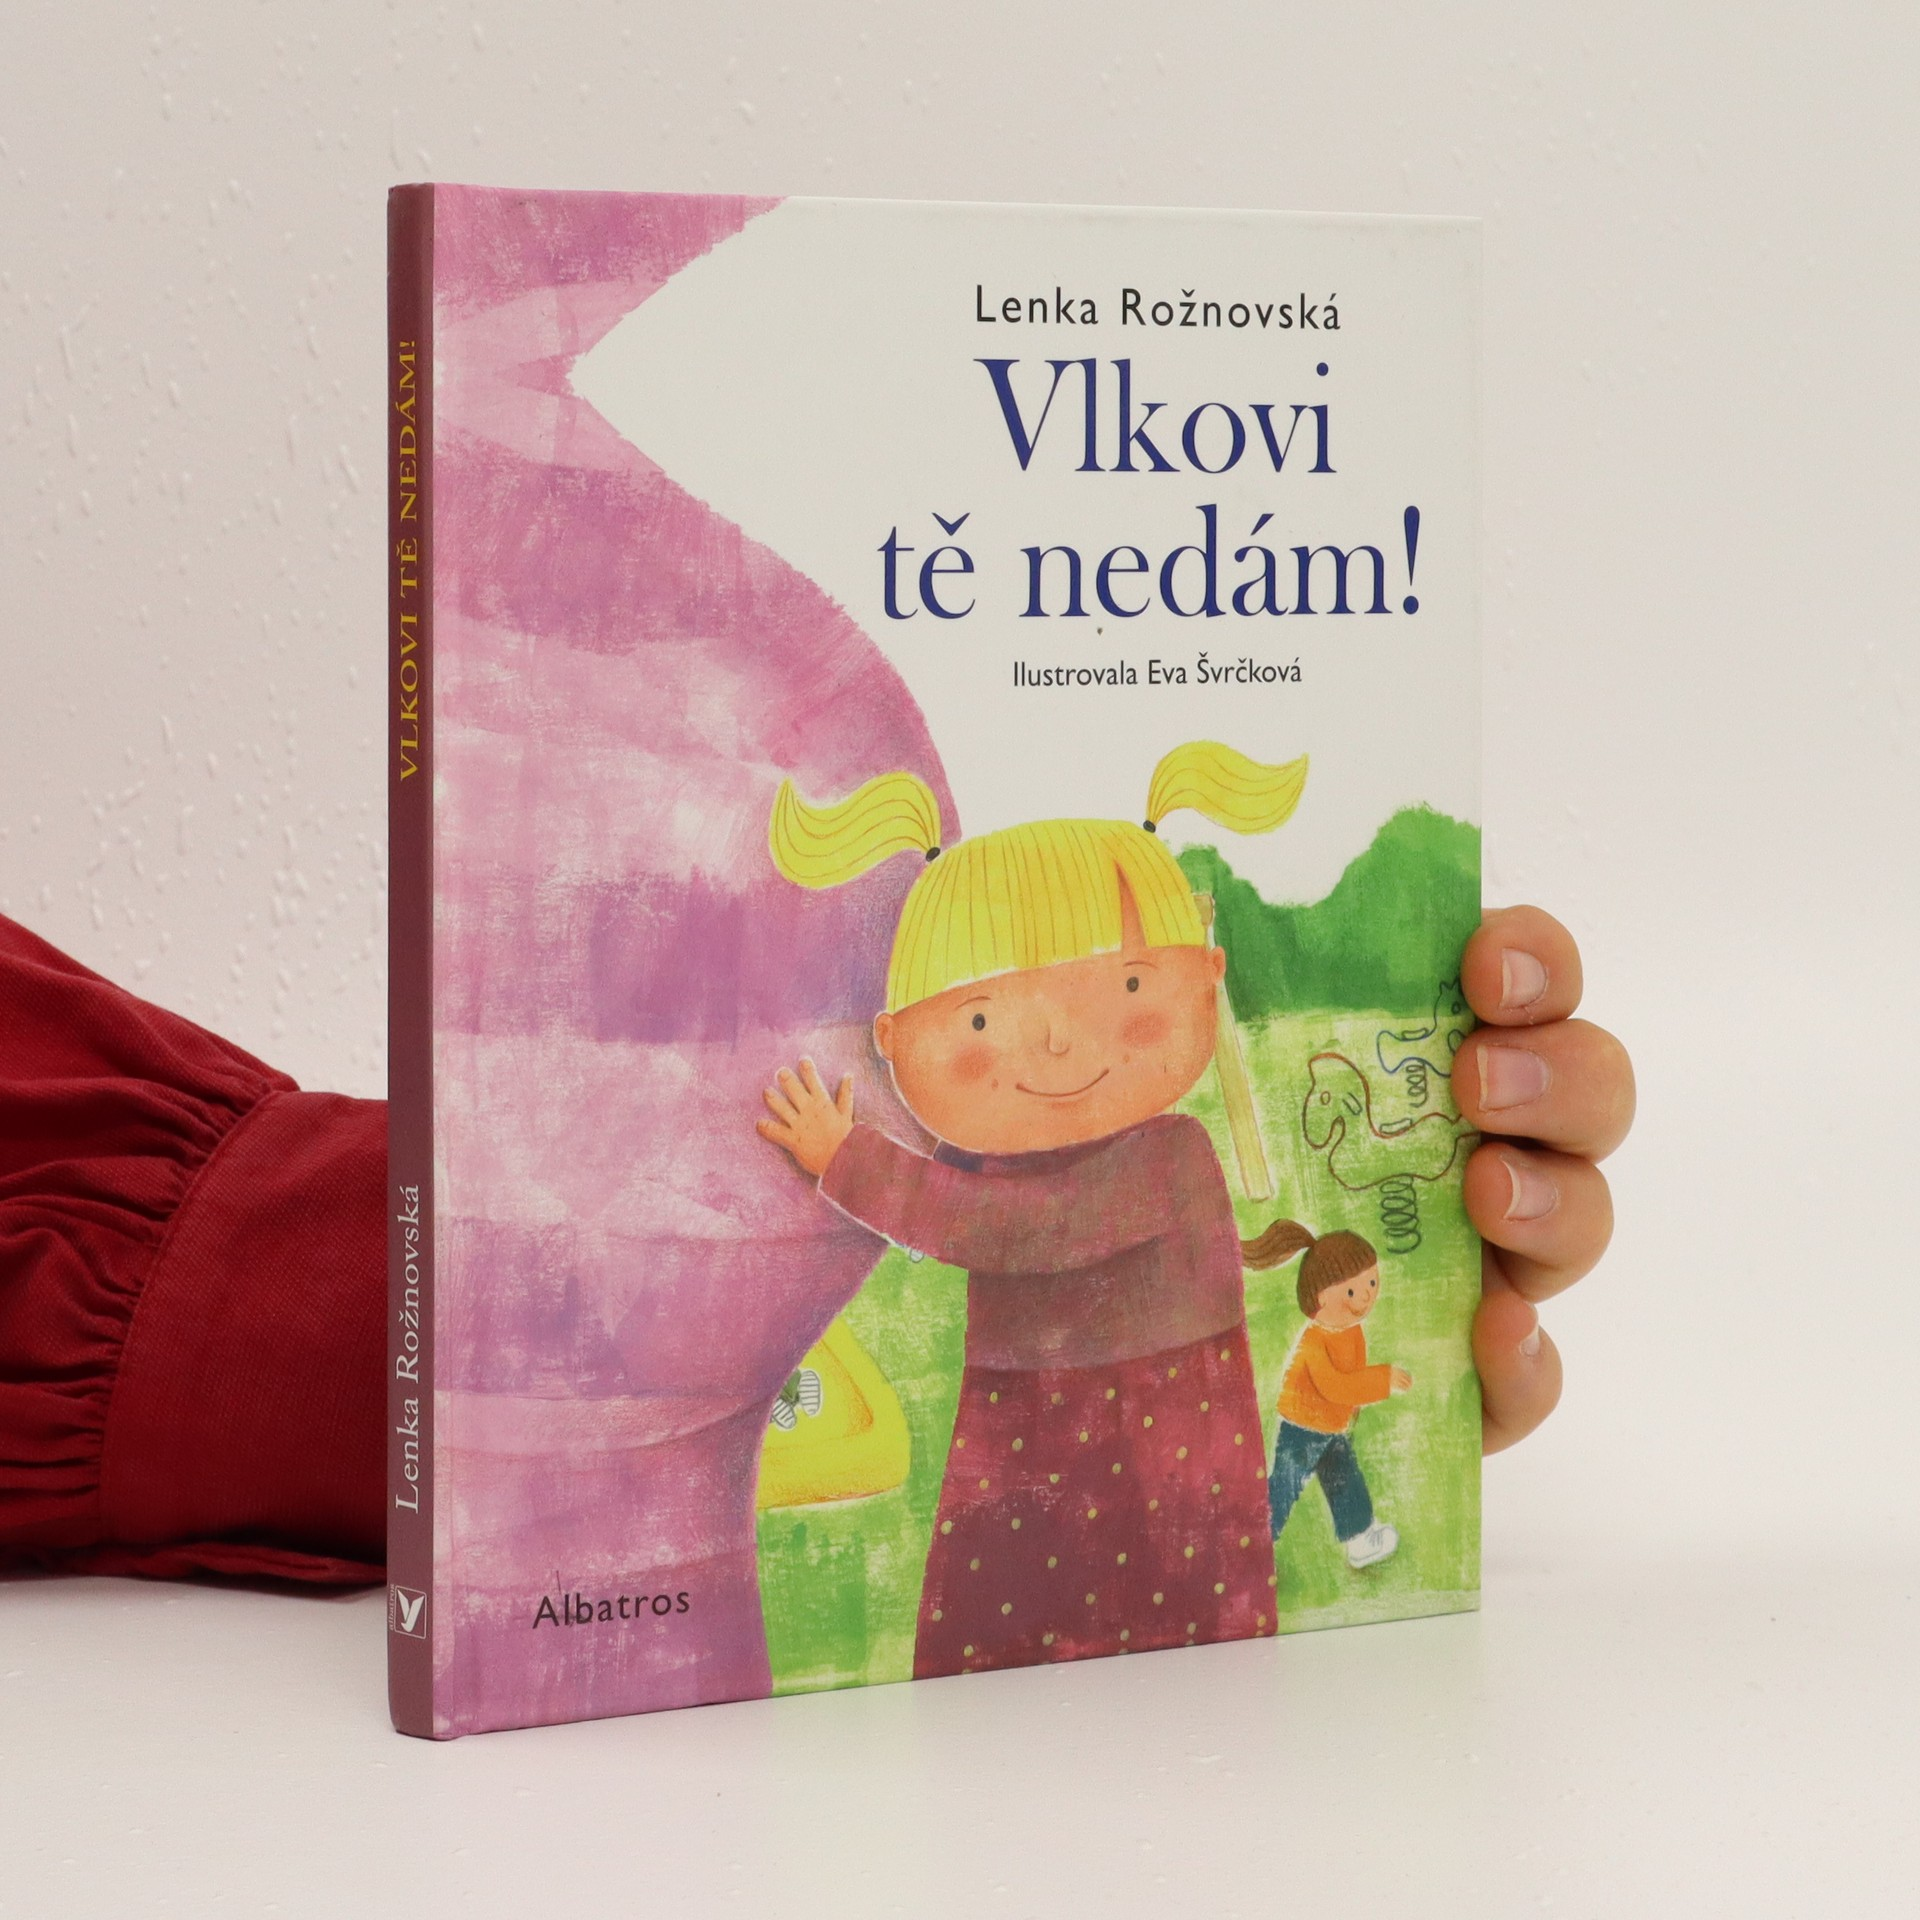 antikvární kniha Vlkovi tě nedám!, 2016